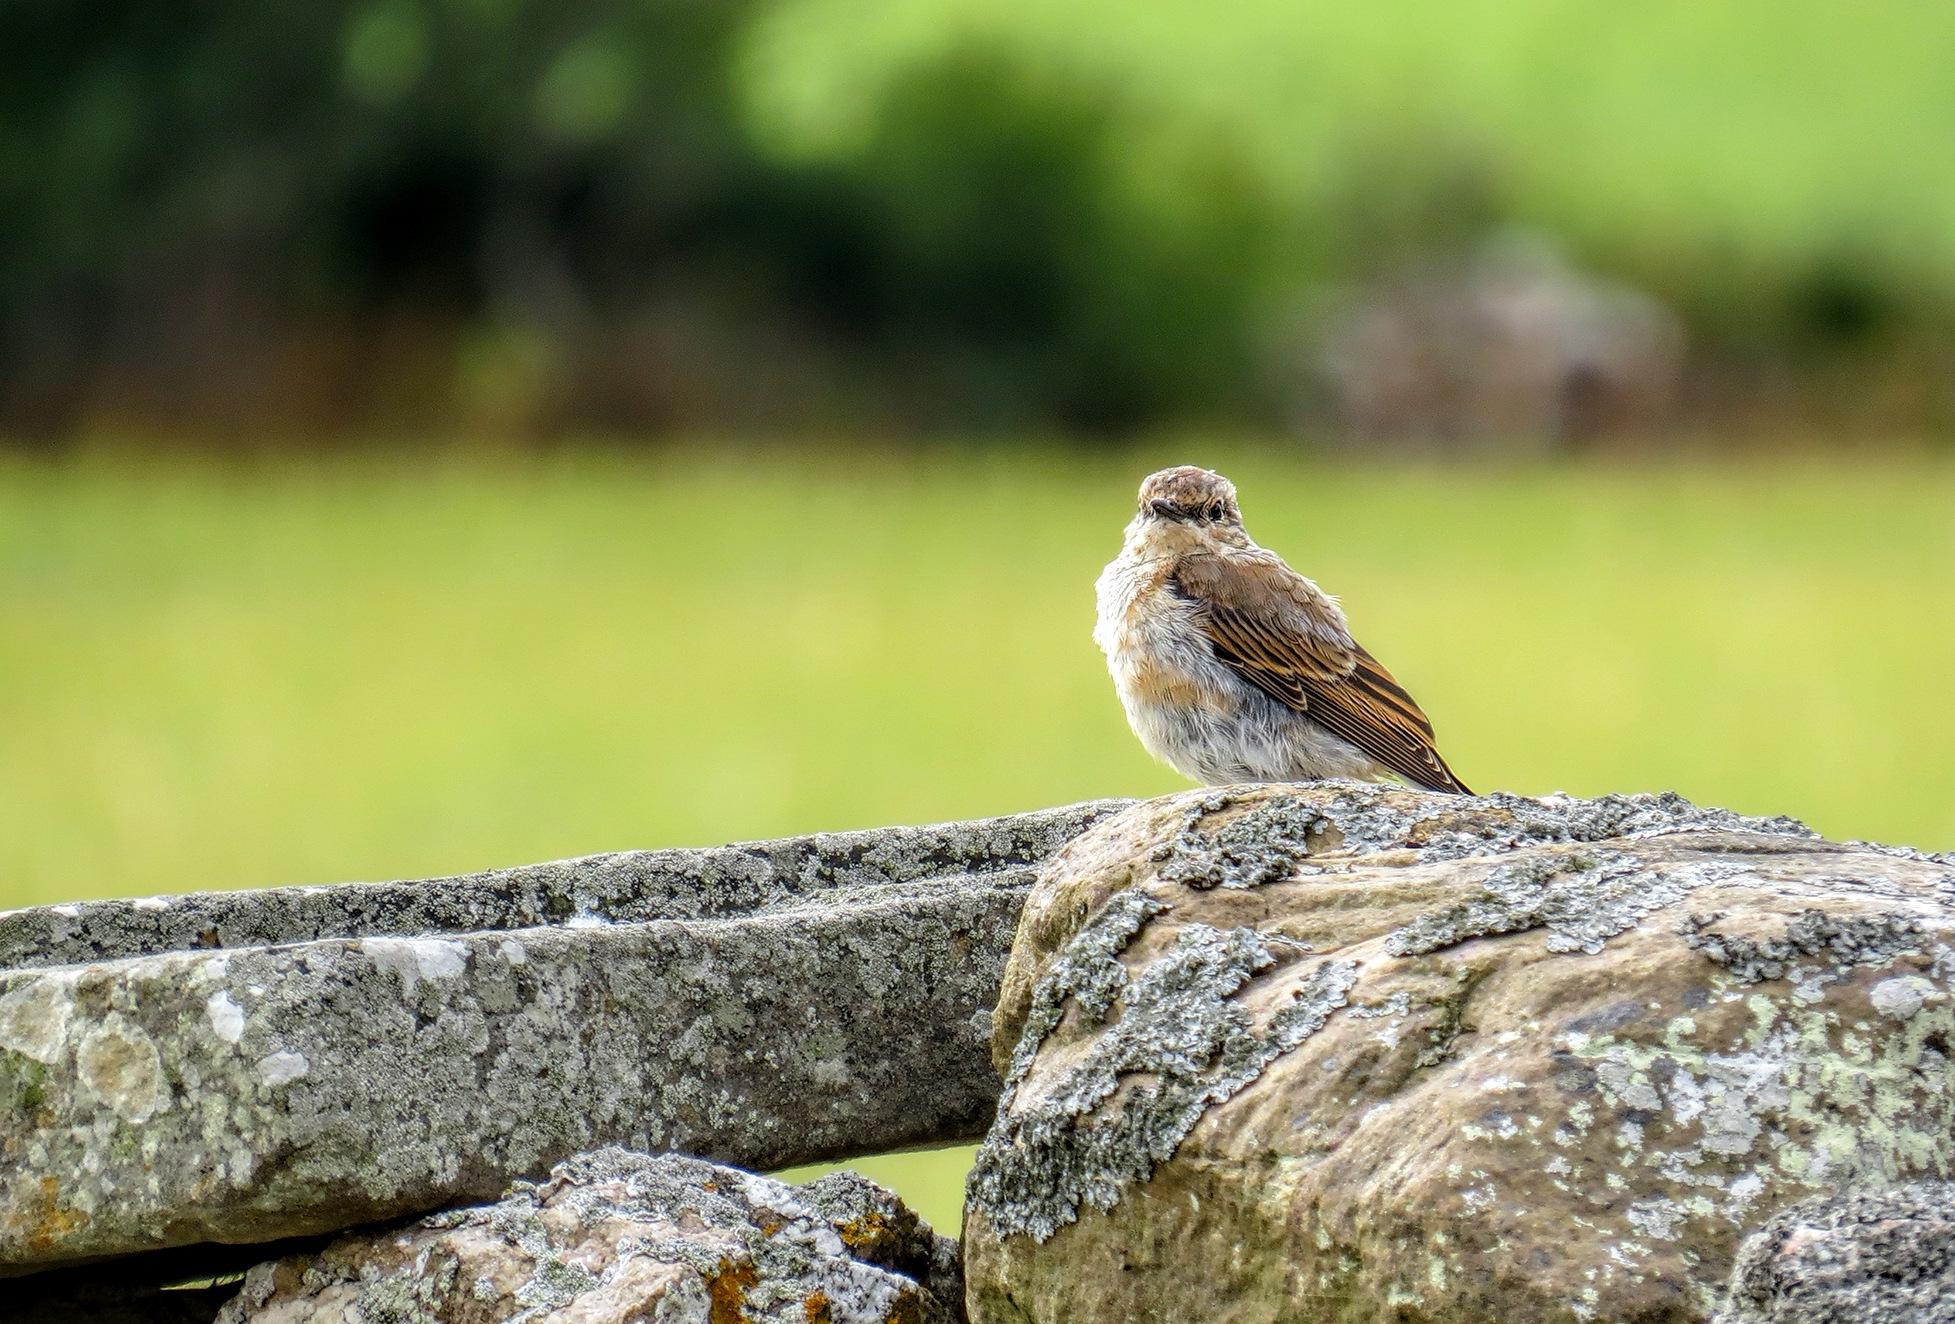 wild bird by susanne.m.andersson.92